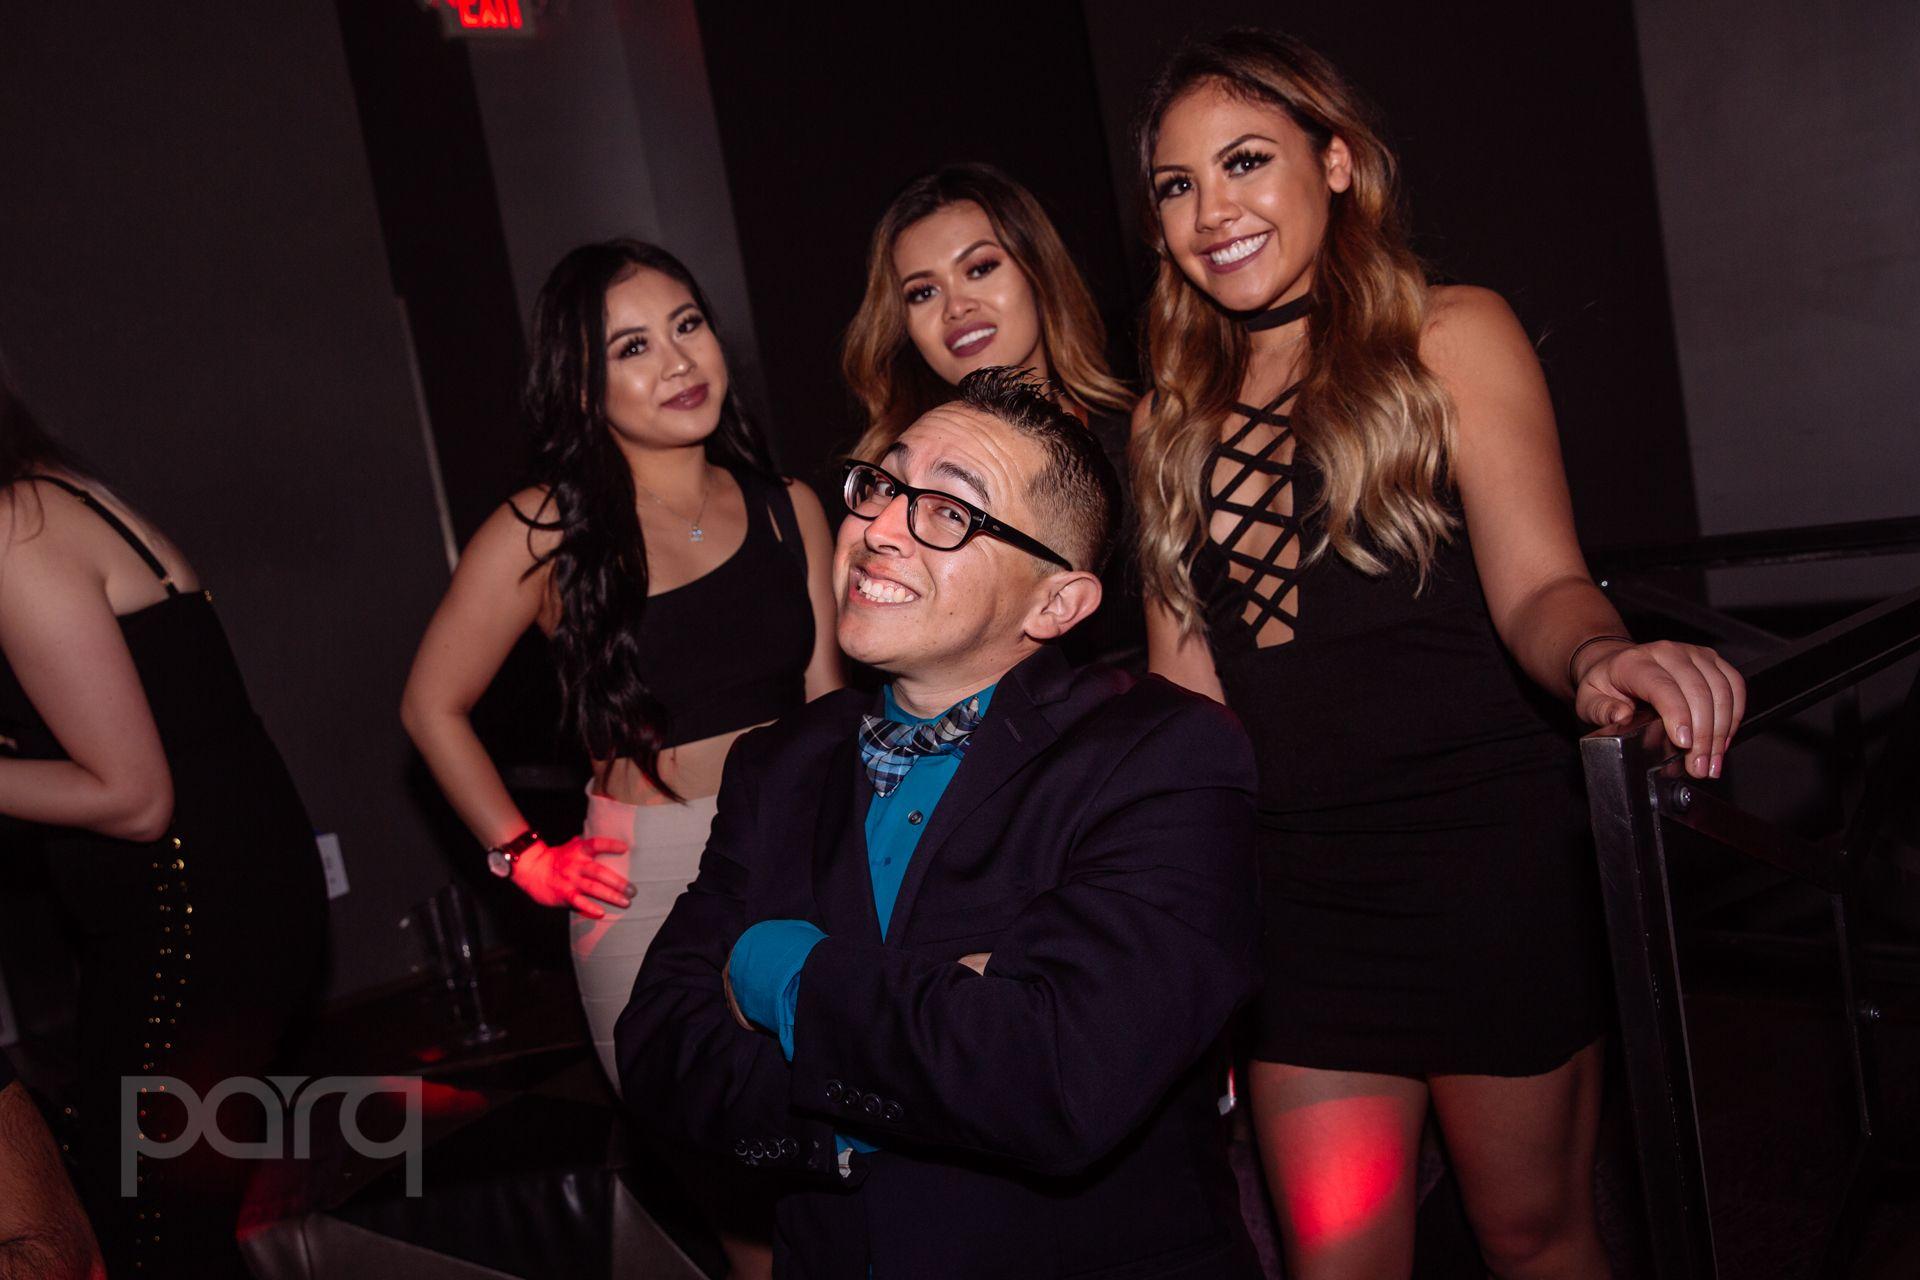 San-Diego-Nightclub-DJ Ikon-22.jpg